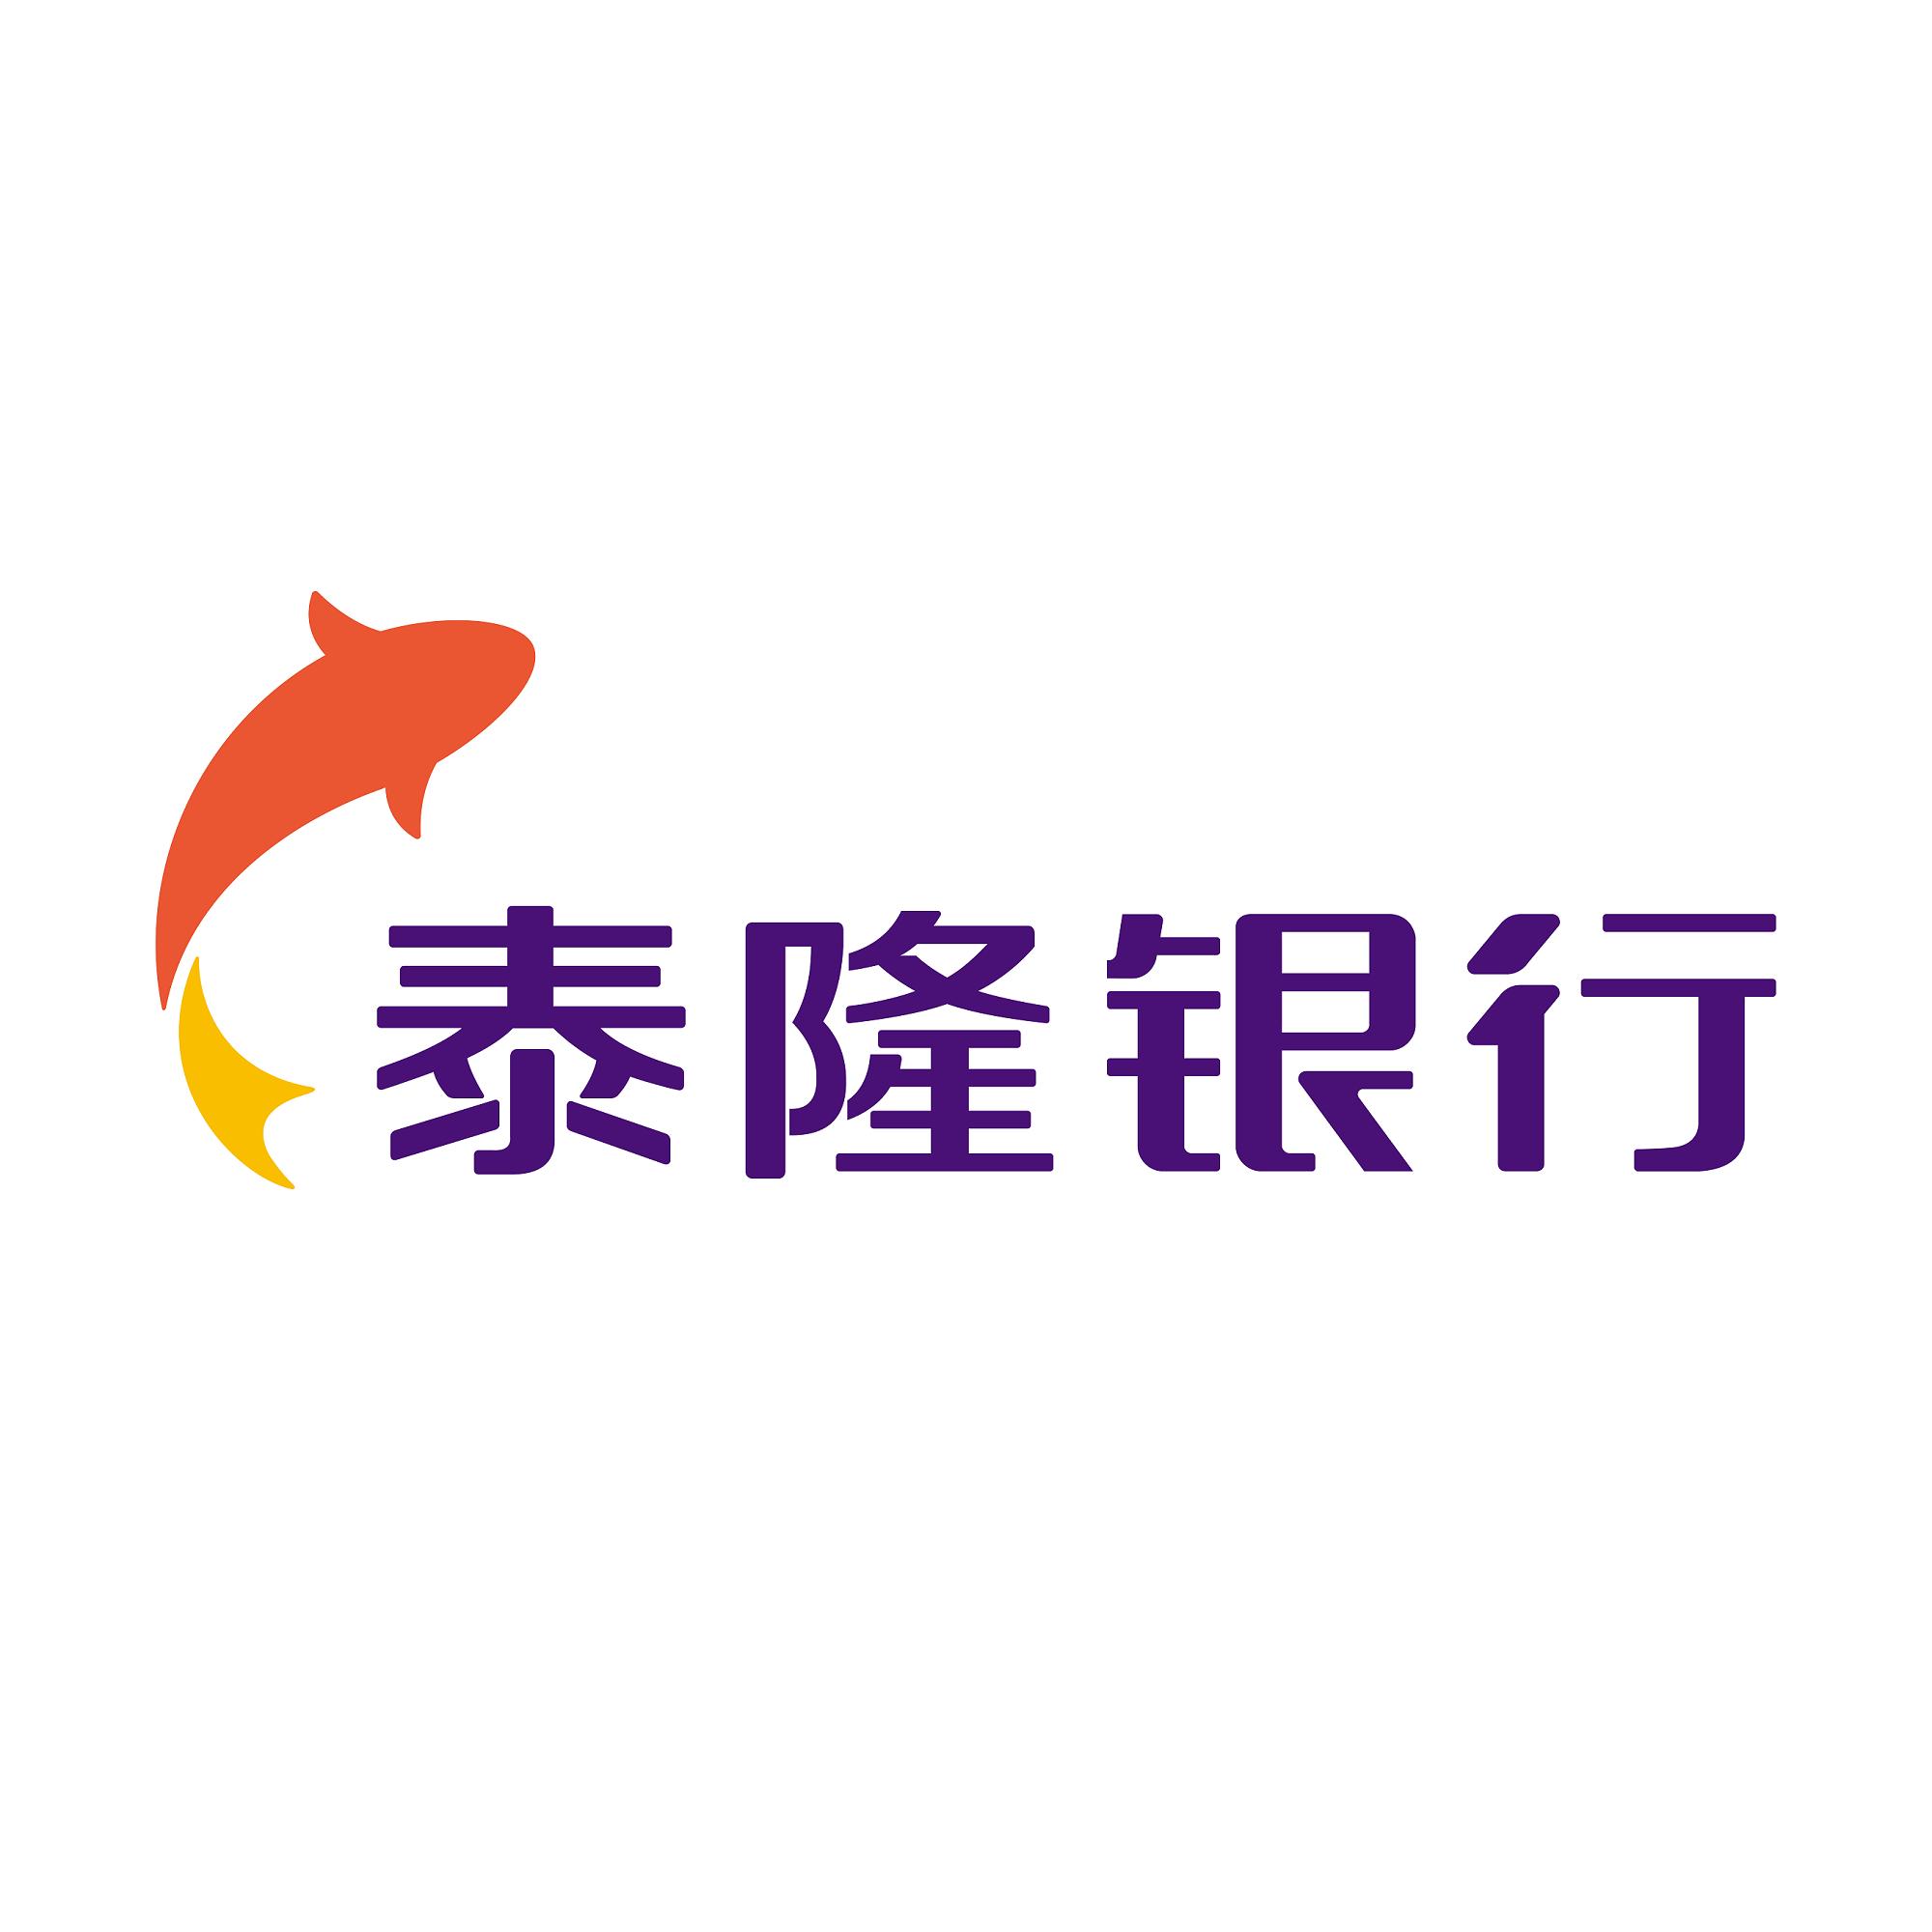 浙江泰隆商业银行股份有限公司金华分行招聘服务经理